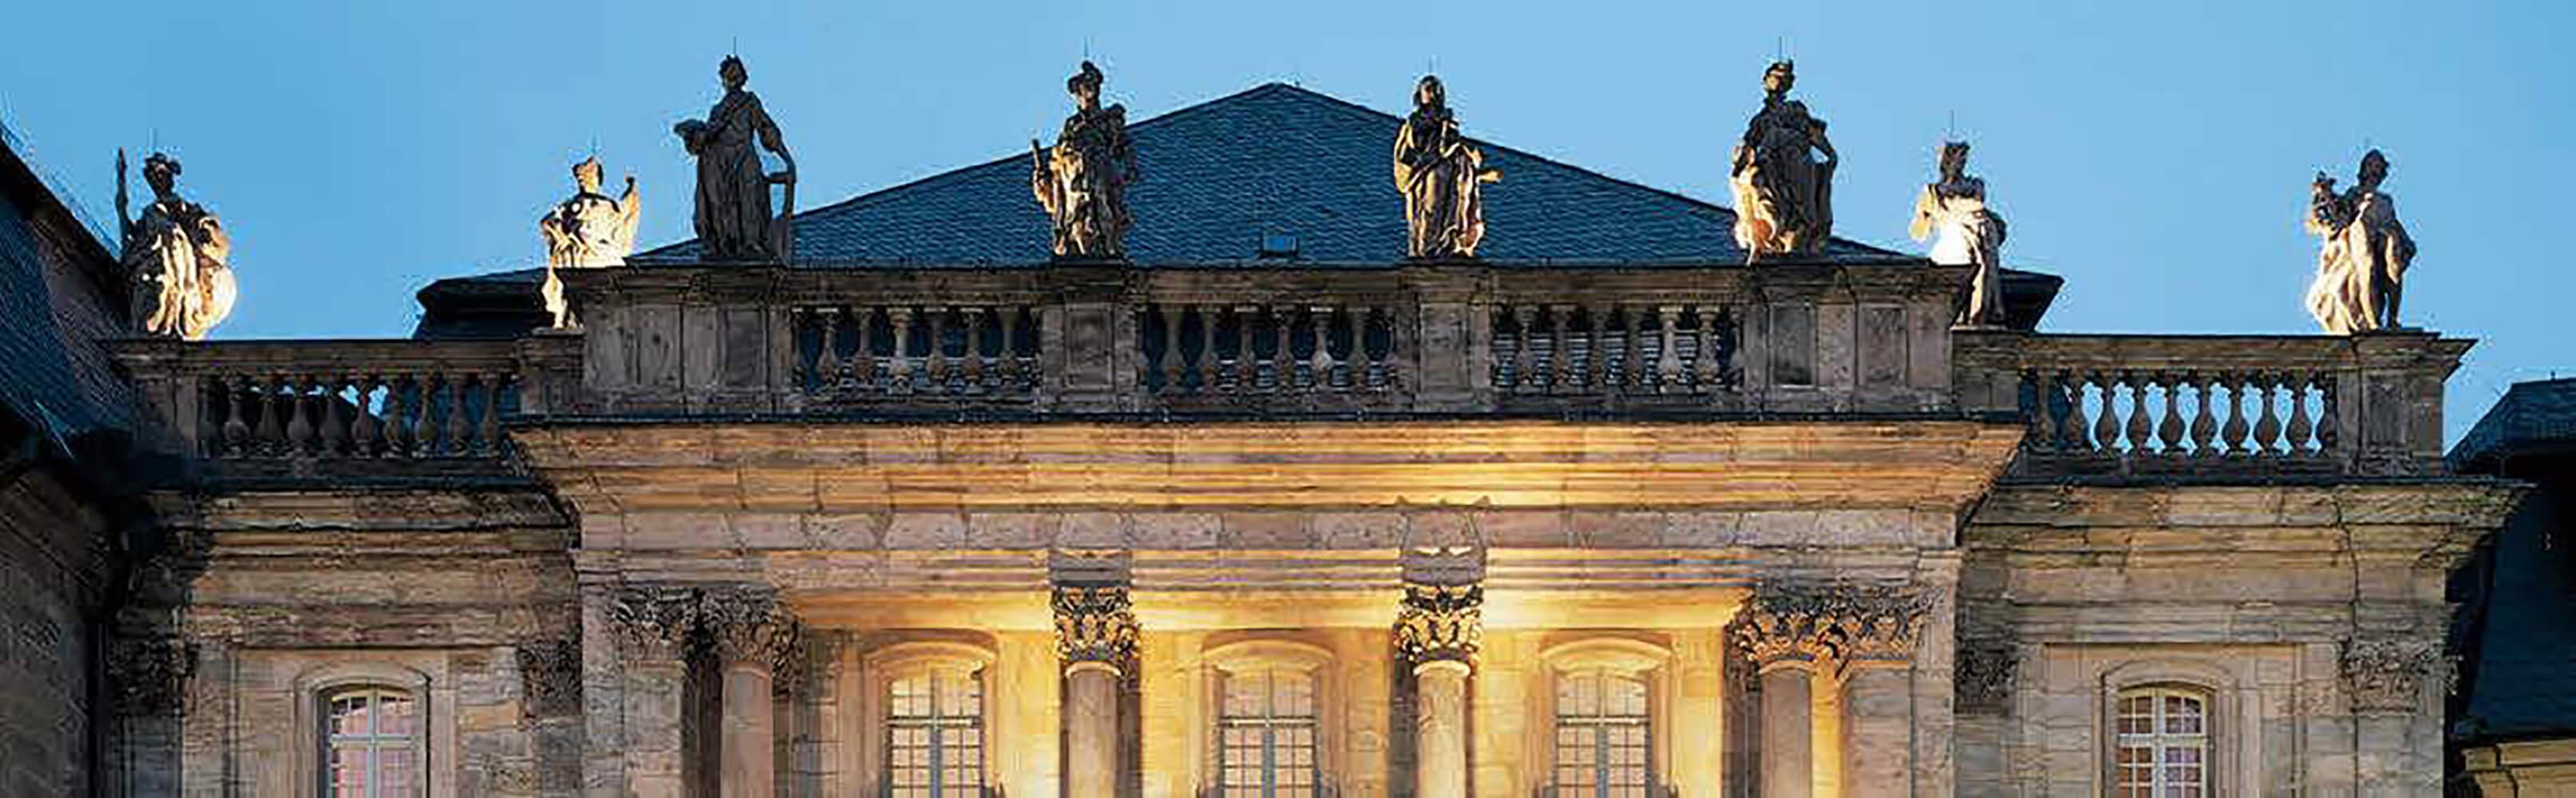 Das Festspielhaus in Bayreuth 1